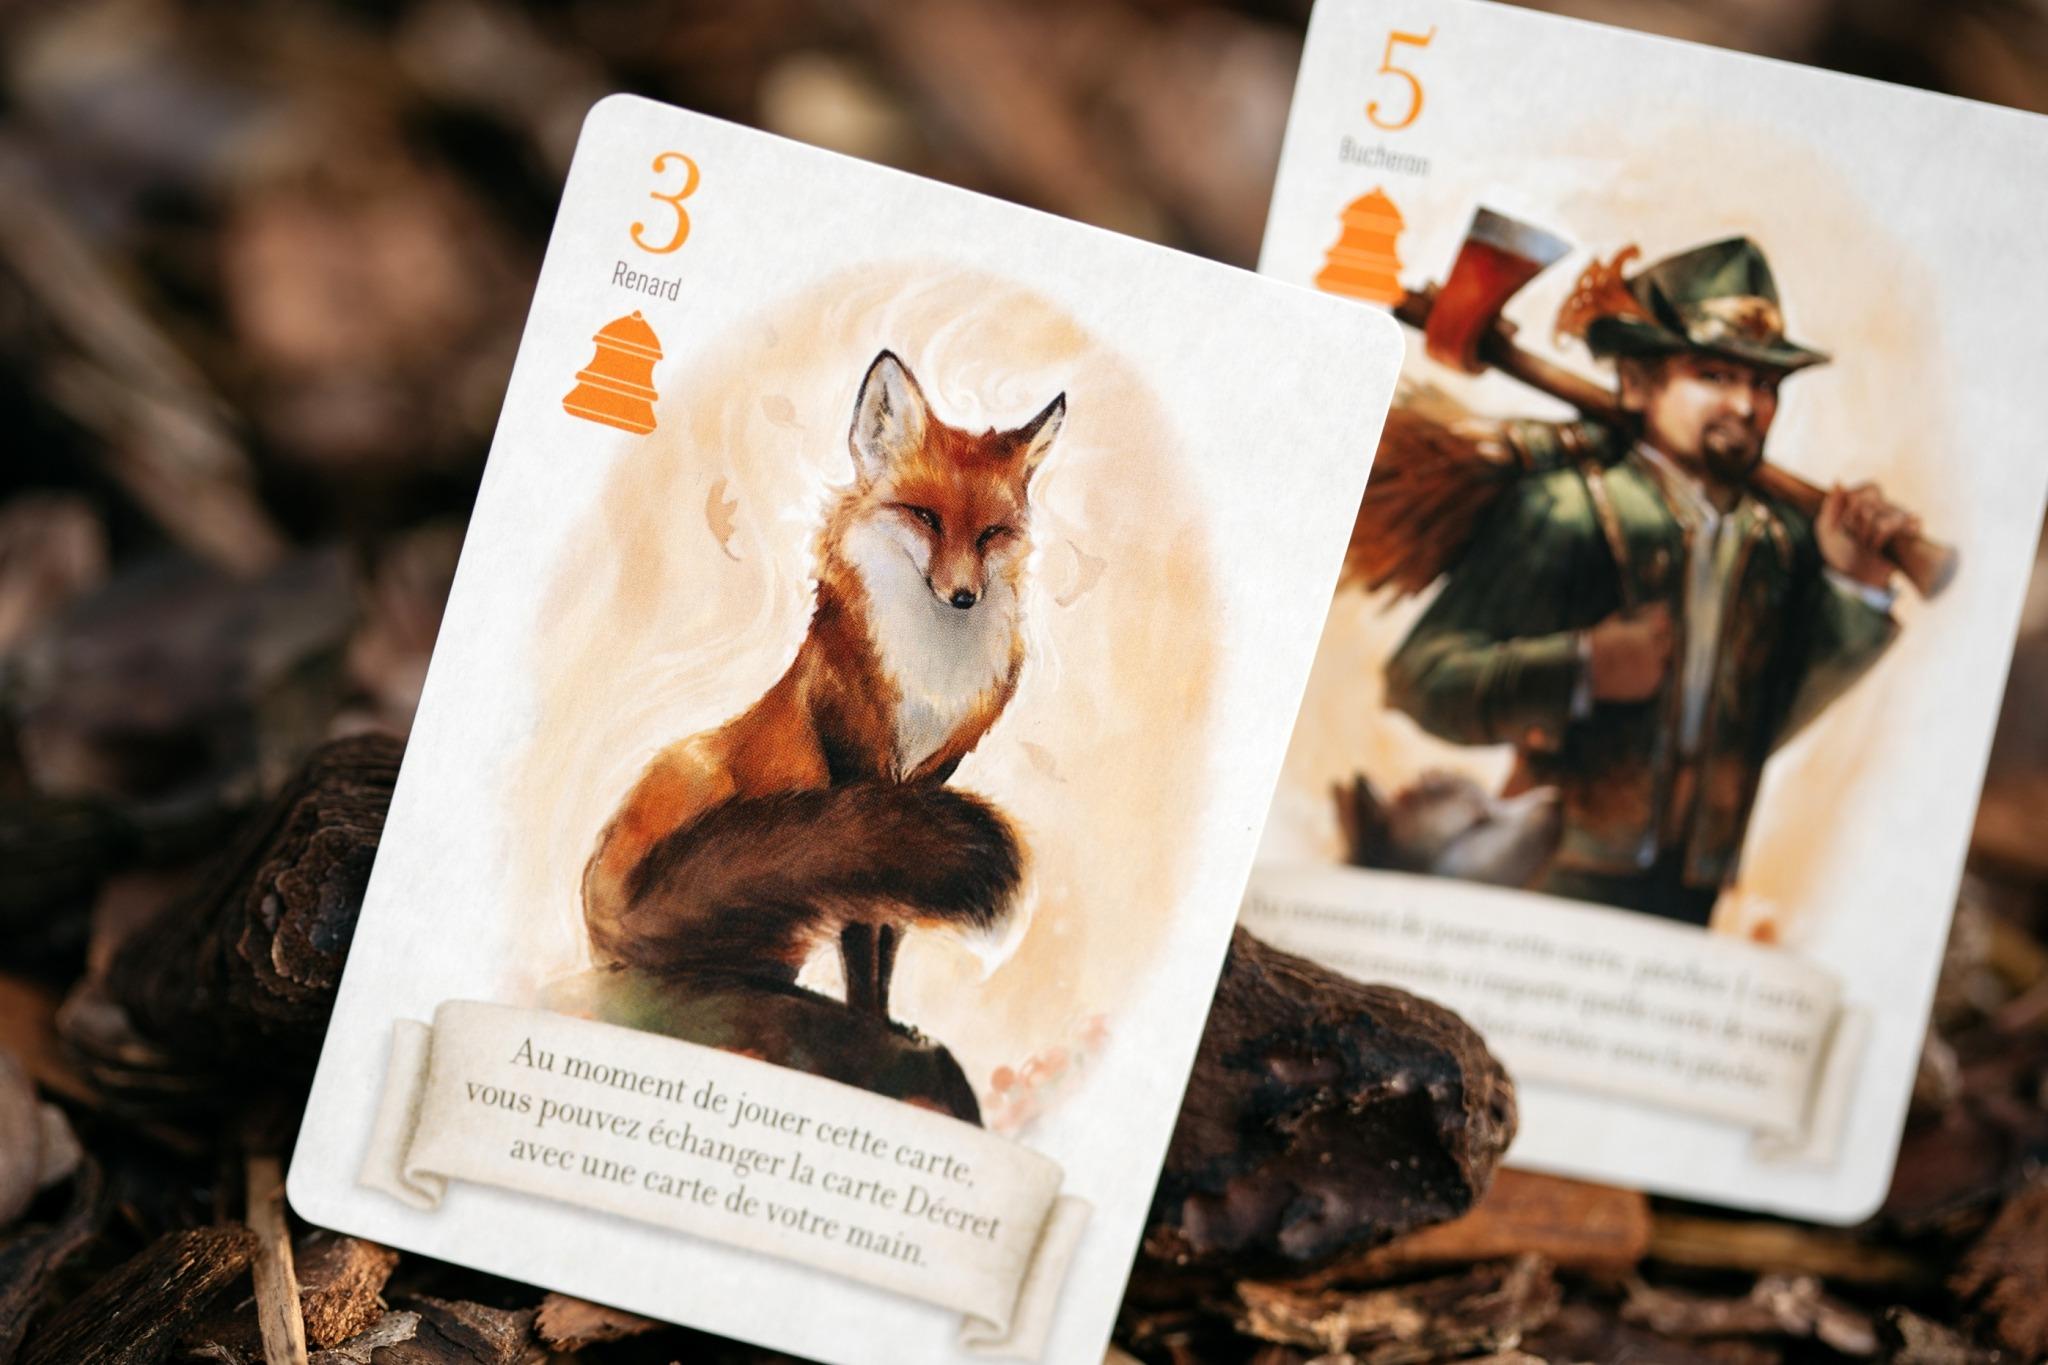 Le renard des bois origames jeu de société